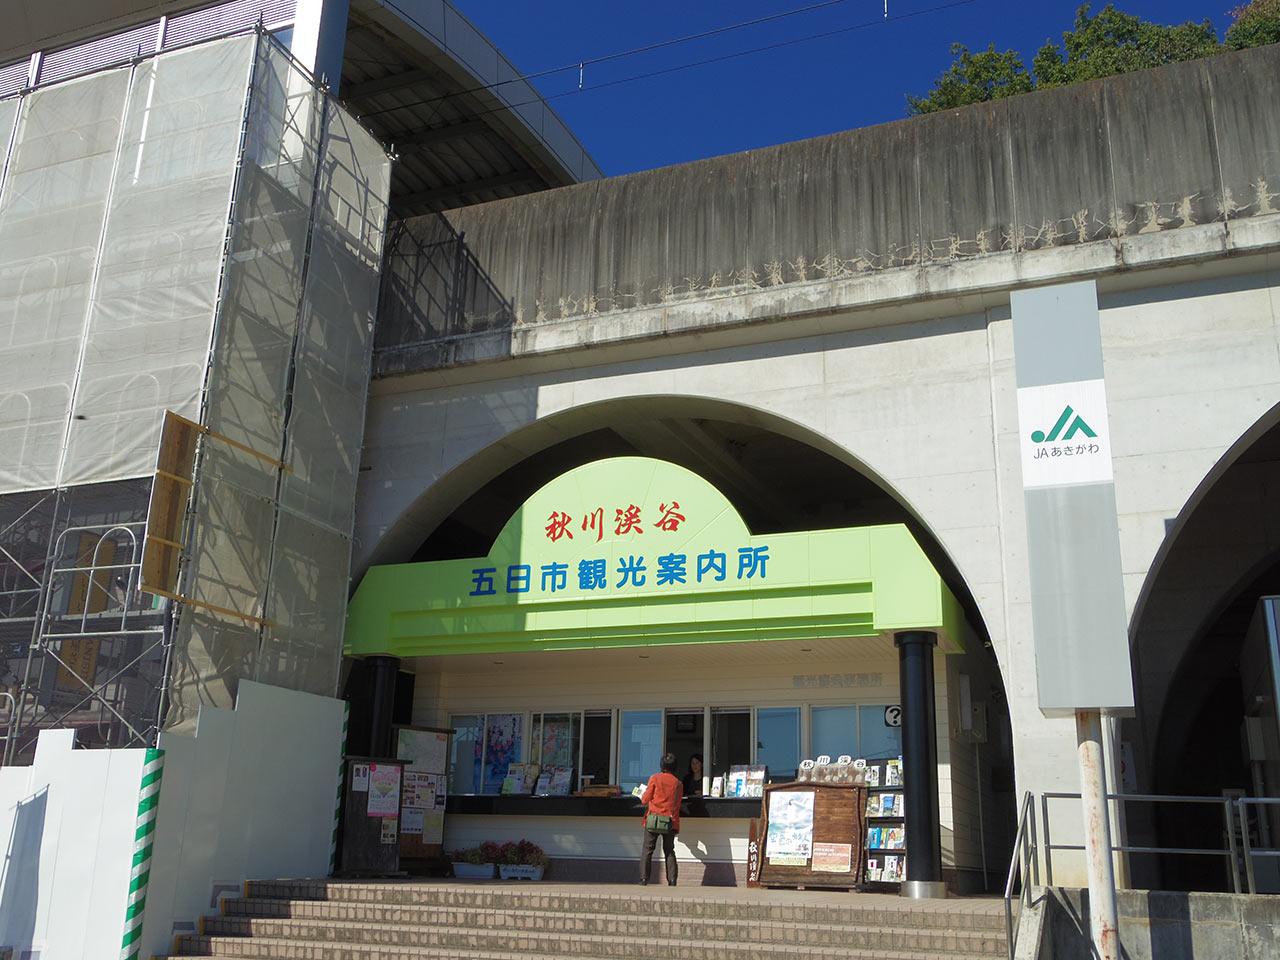 秋川渓谷五日市観光案内所